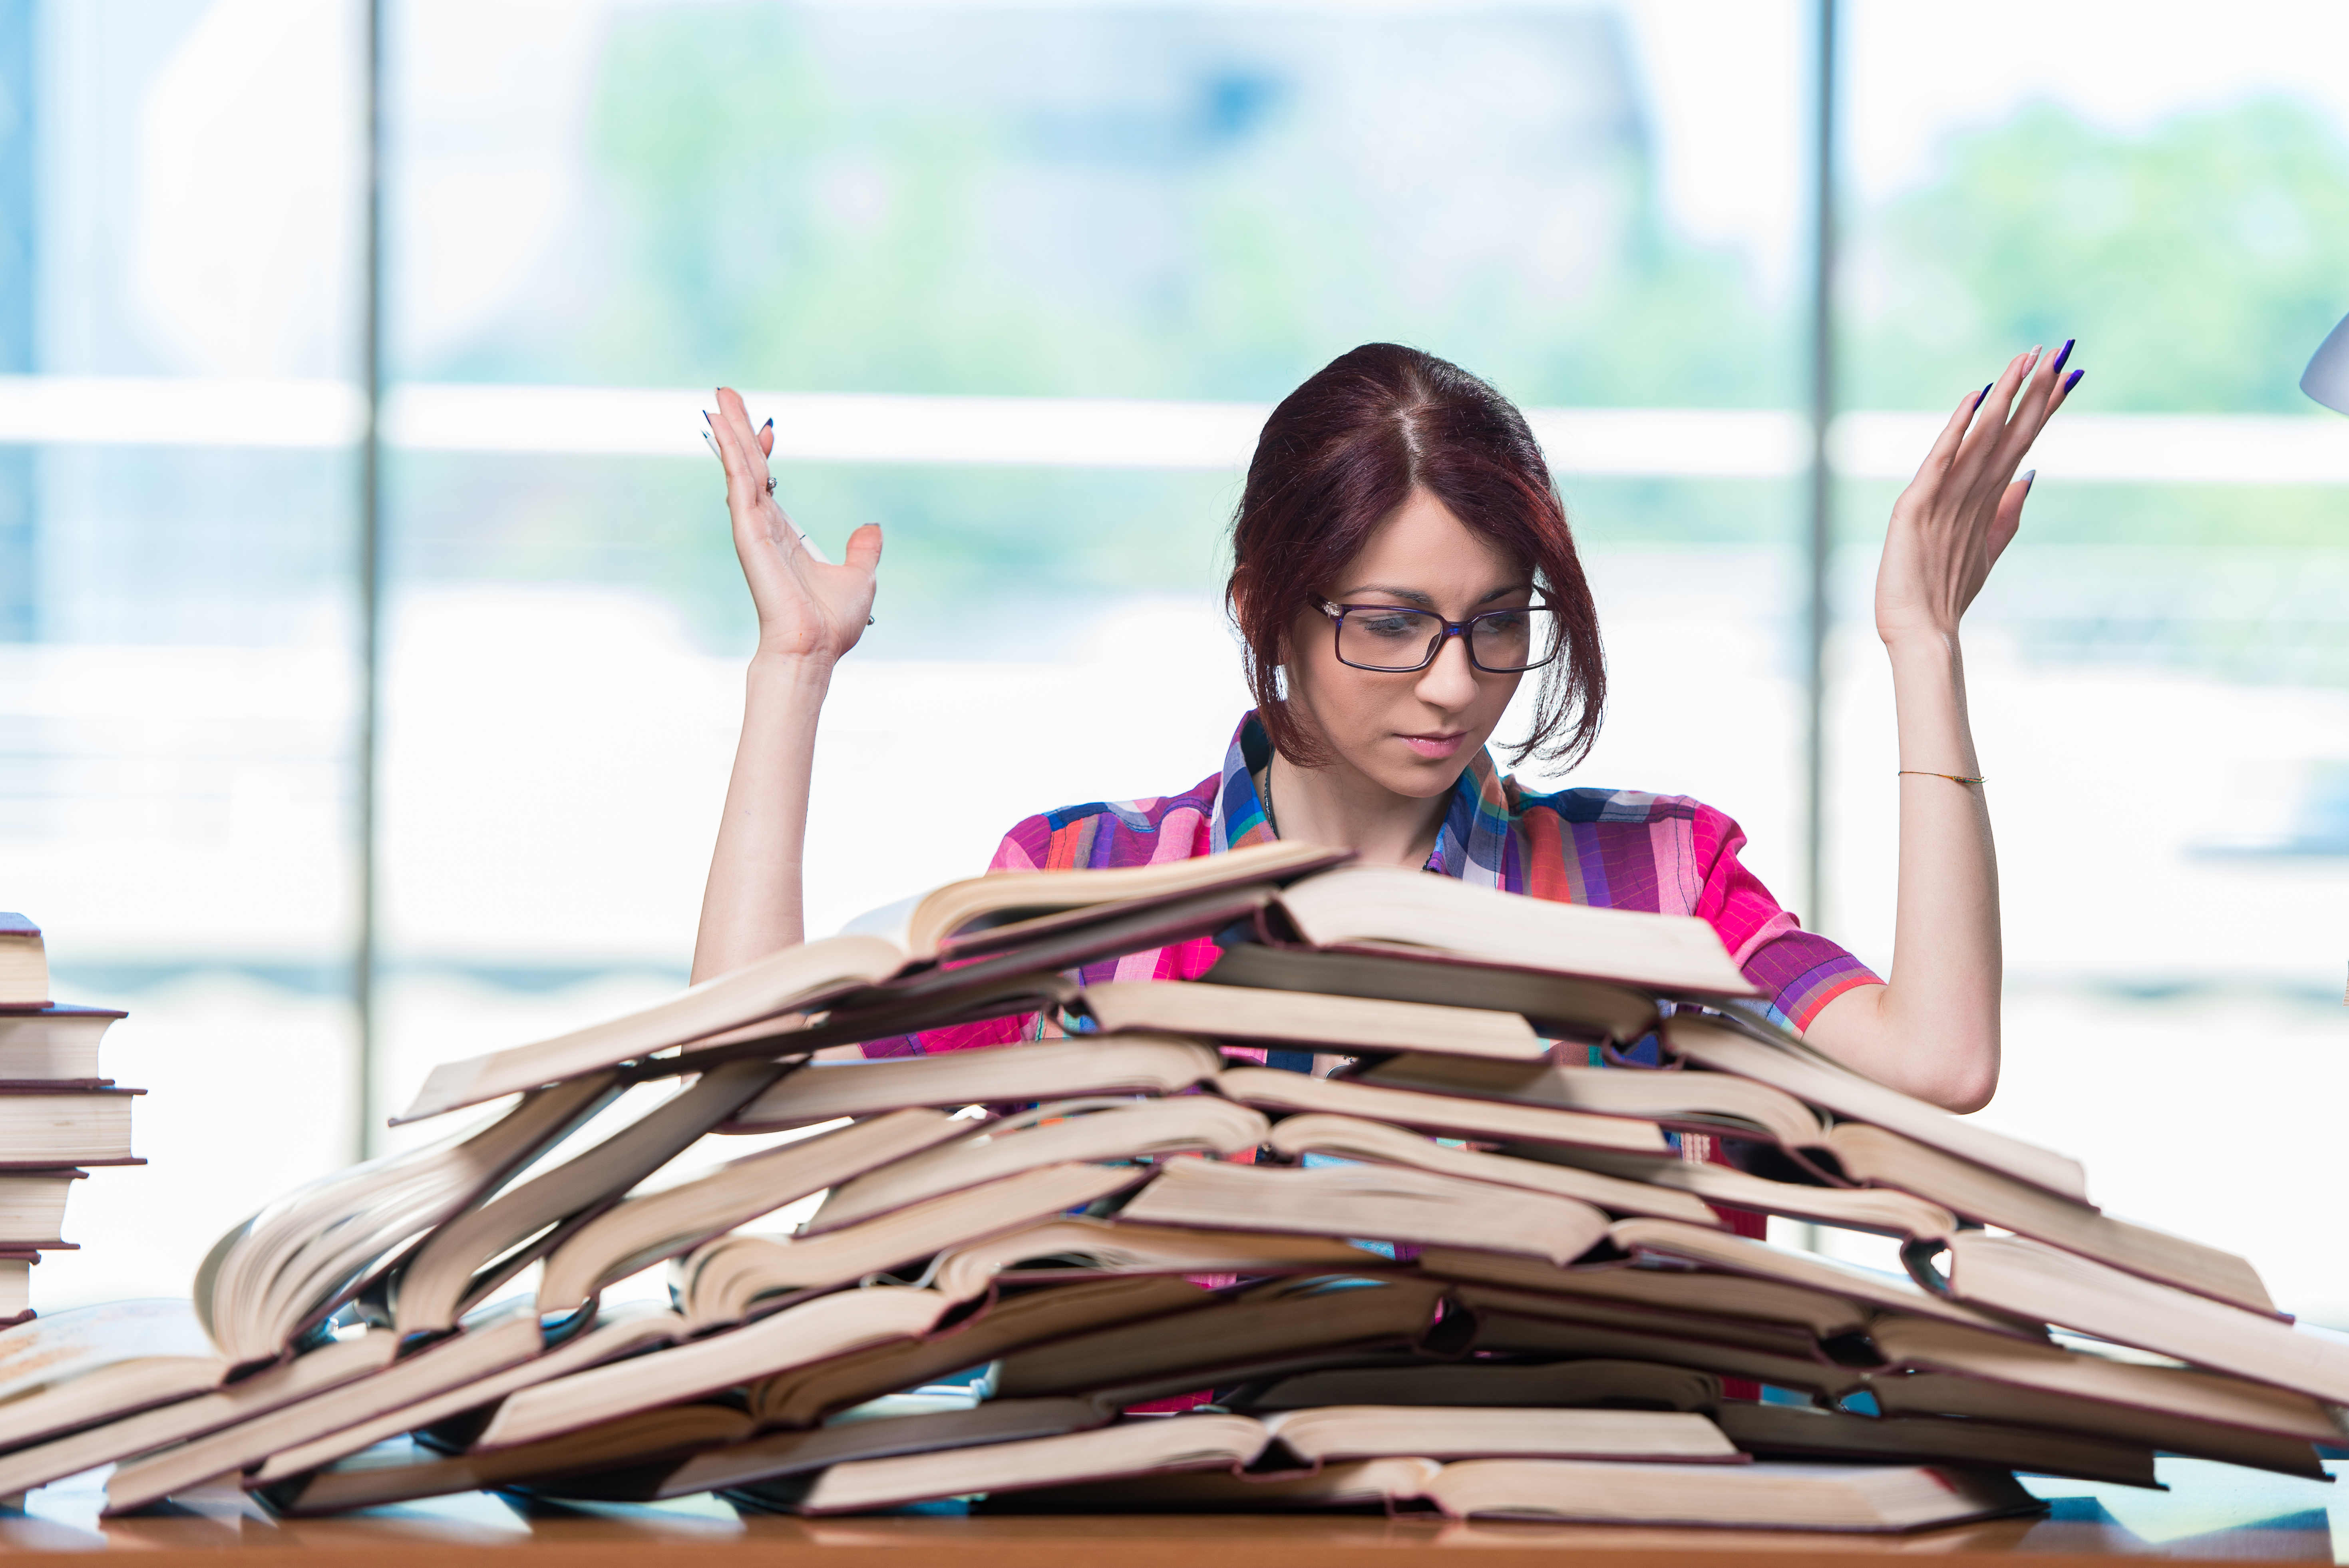 Tri Ted govora o stresu koje jednostavno morate pogledati